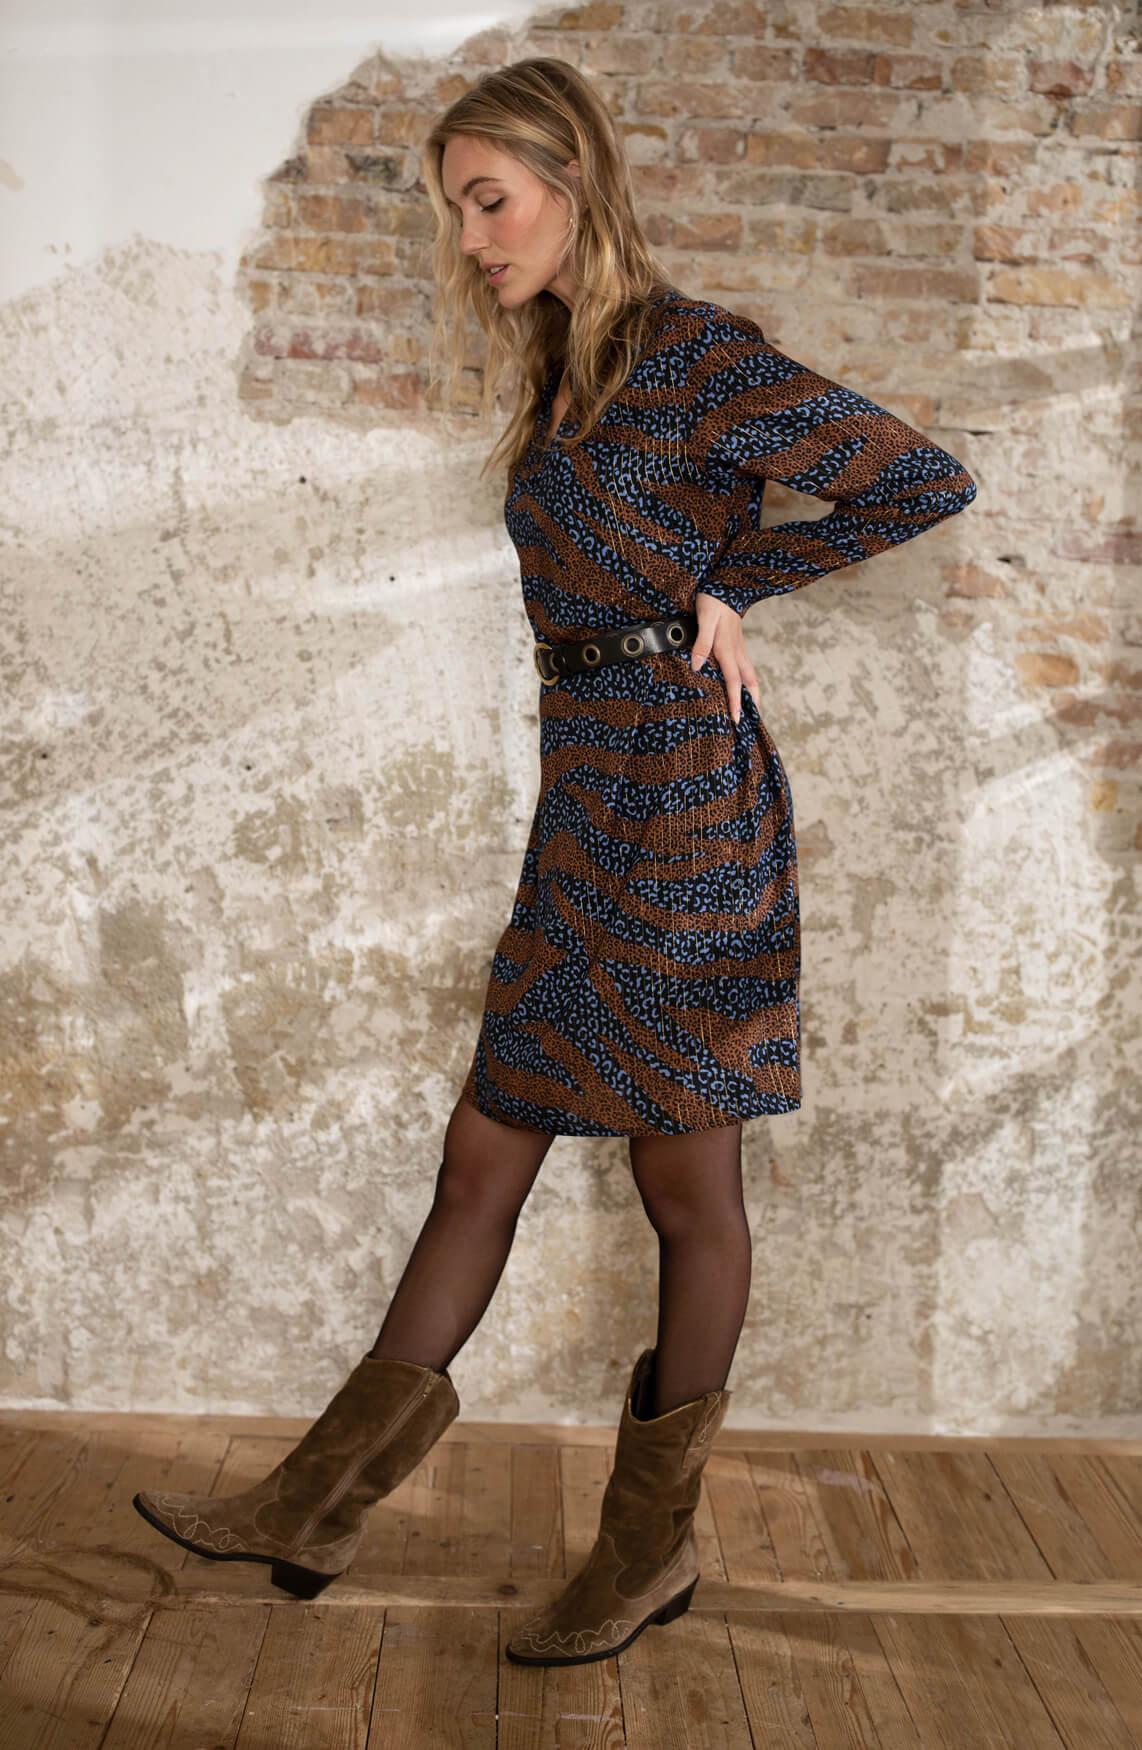 Anna Dames Panterprint jurk Blauw